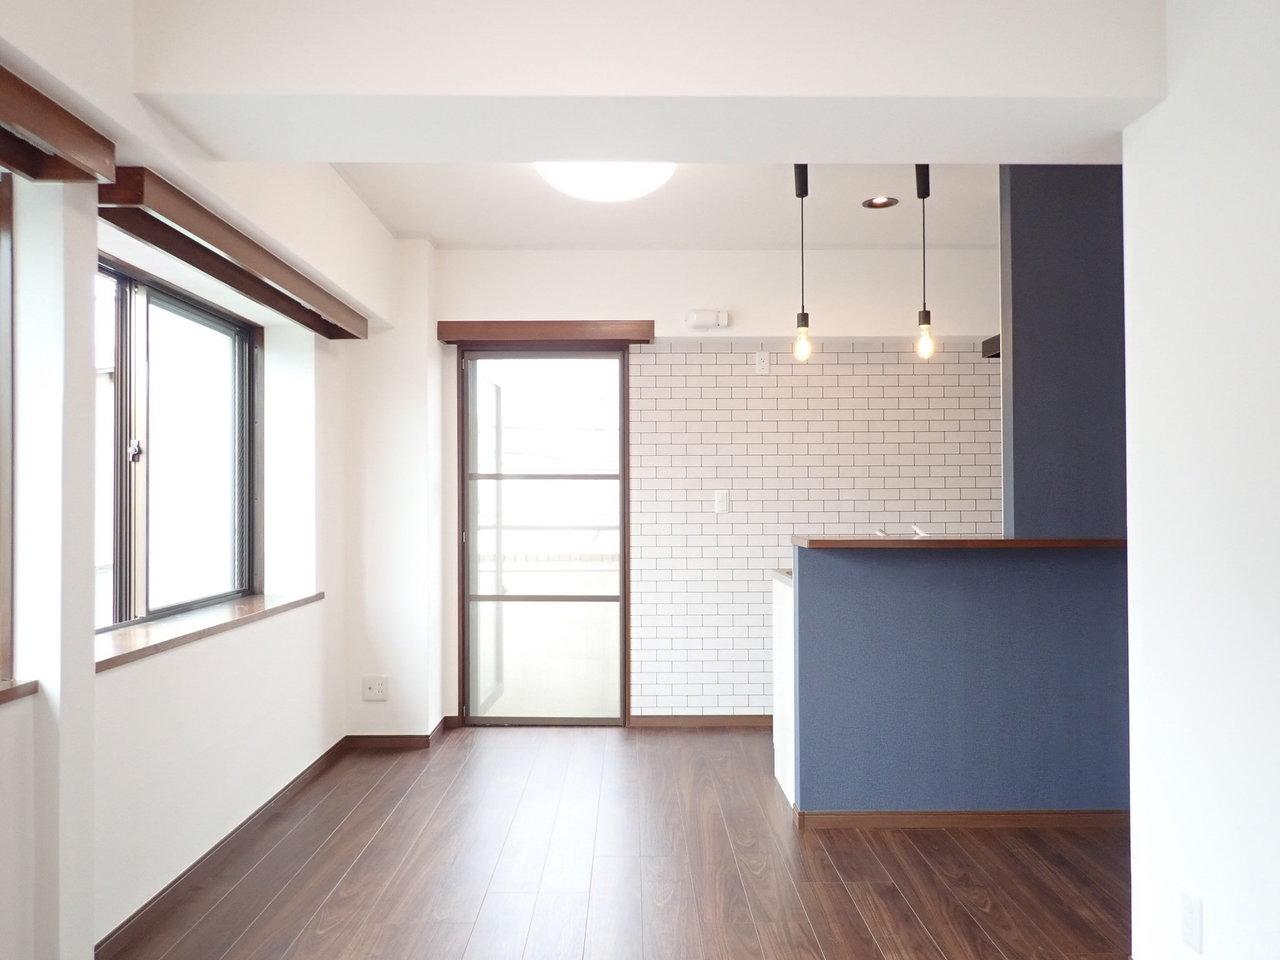 まず1件目。カウンターキッチンがおしゃれなお部屋です。